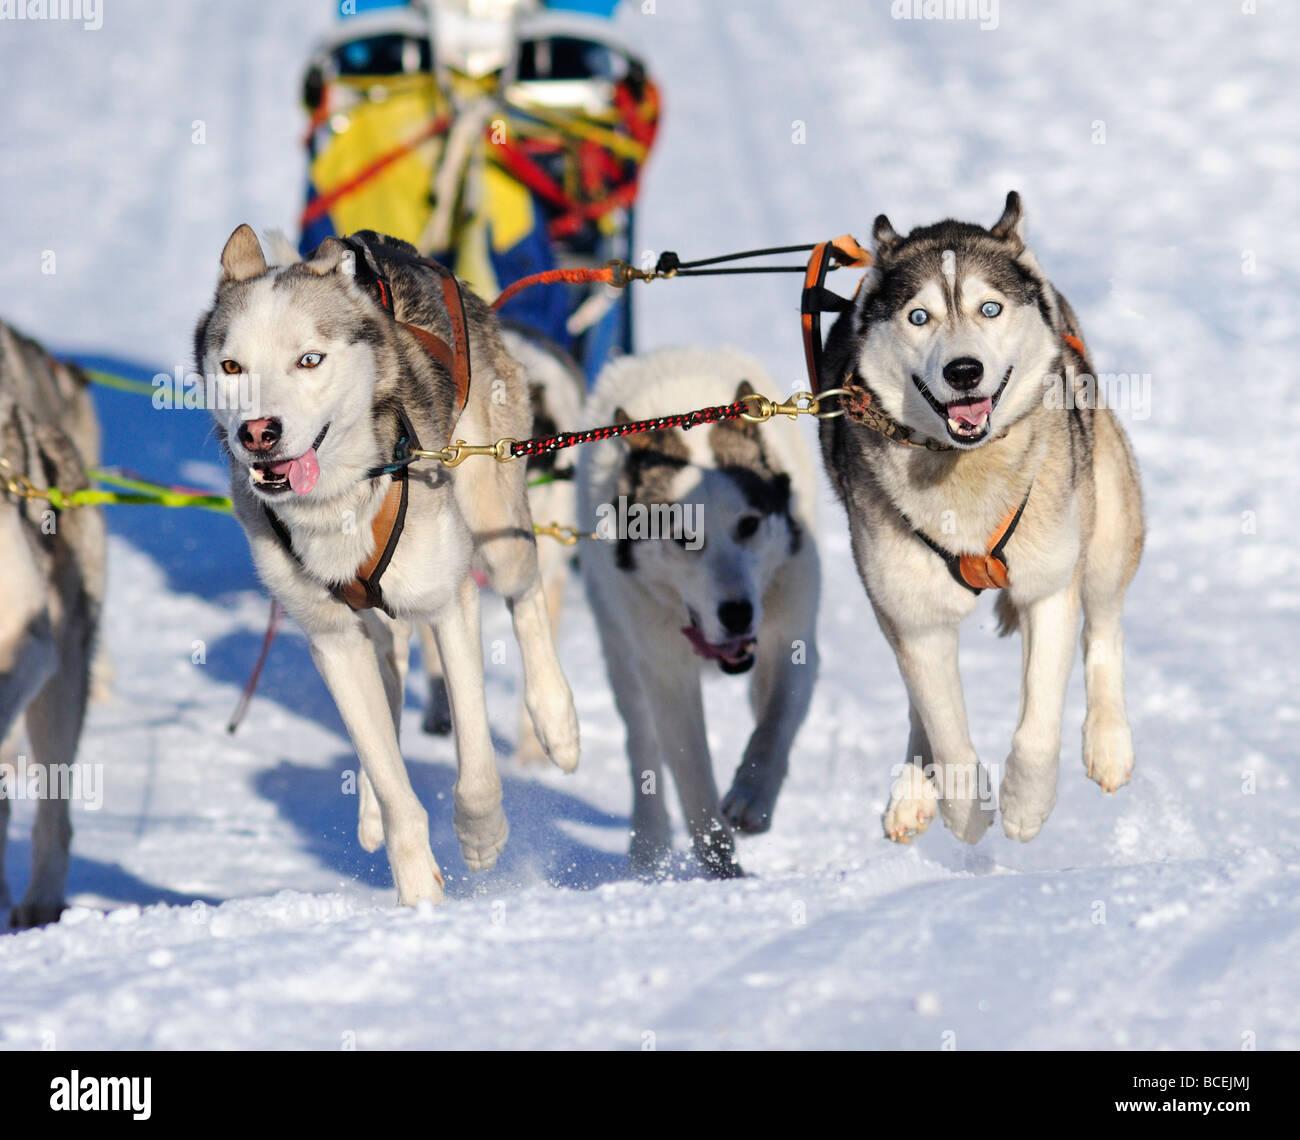 Detalles de un equipo de perros de trineo en plena acción dirigiéndose hacia la cámara Foto de stock